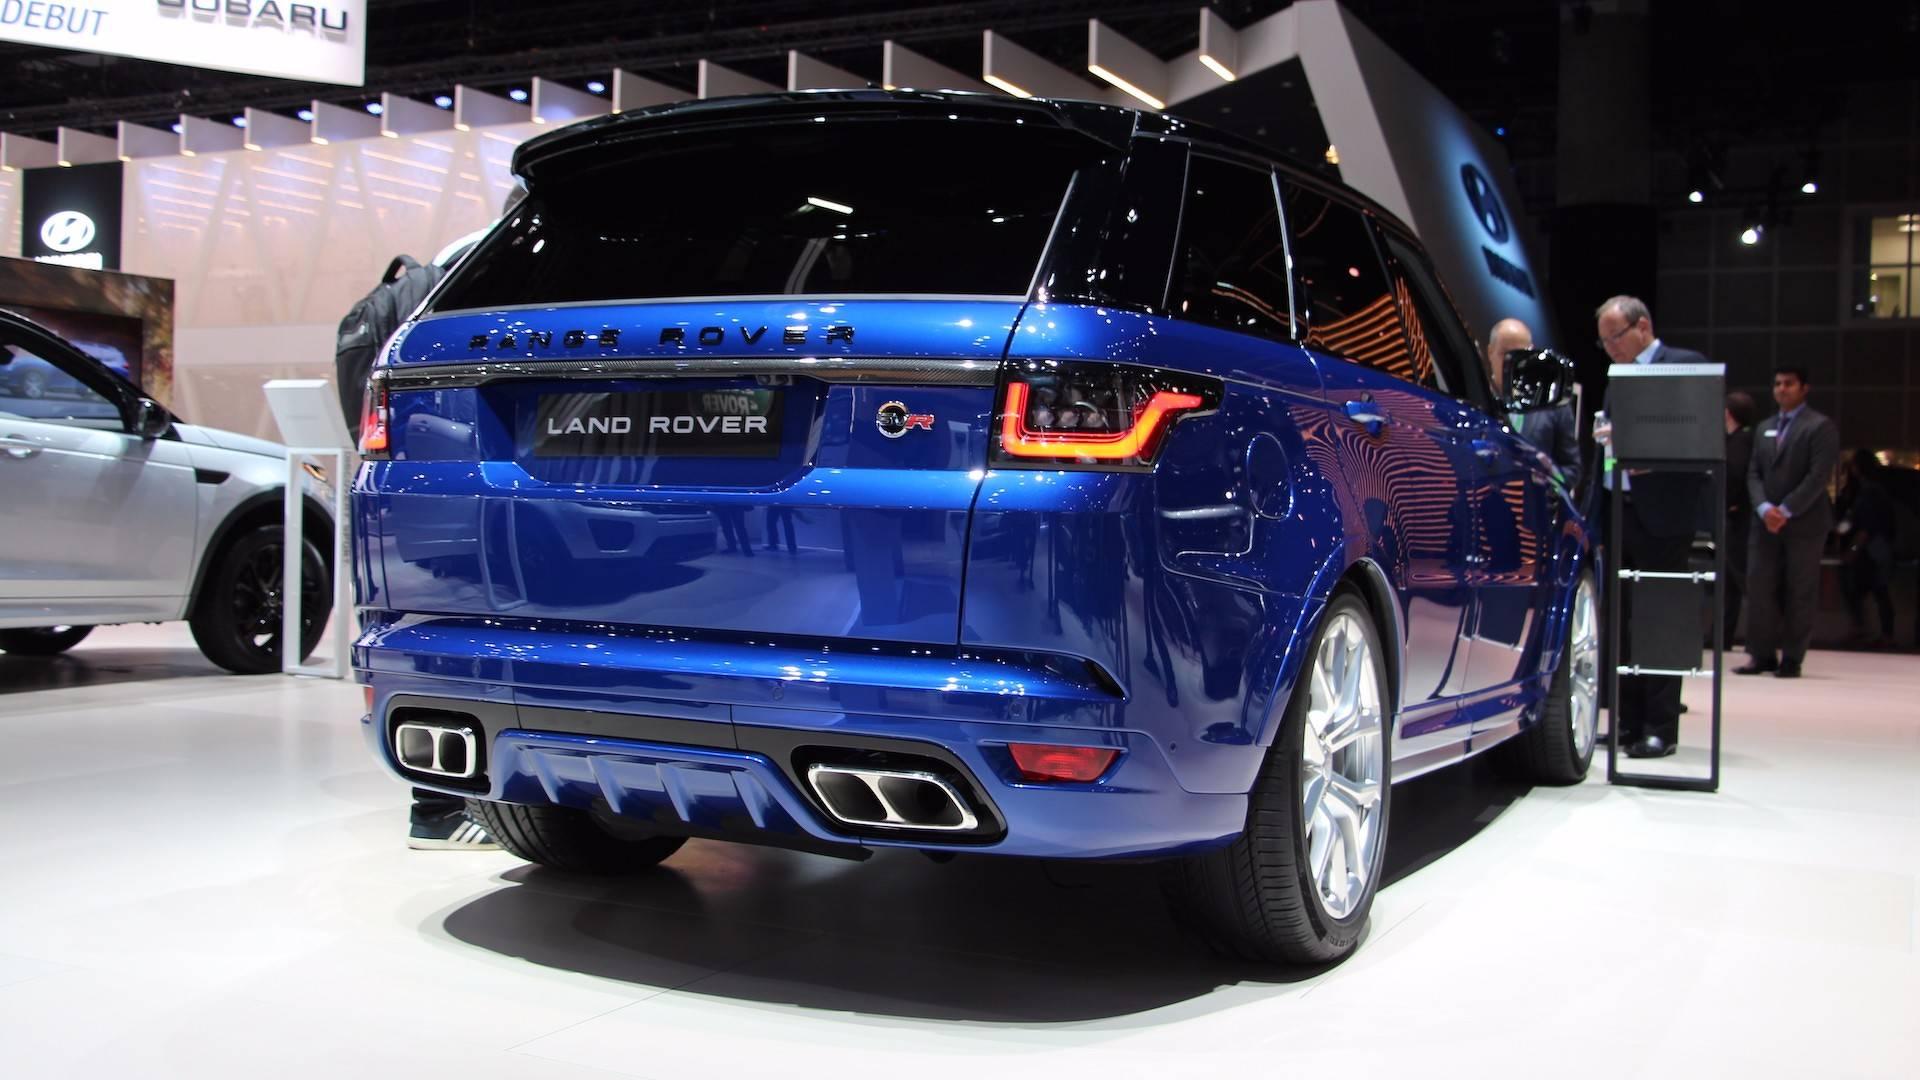 Range Rover Sport Svr 2018 >> 2018-range-rover-sport-svr - Zero2Turbo